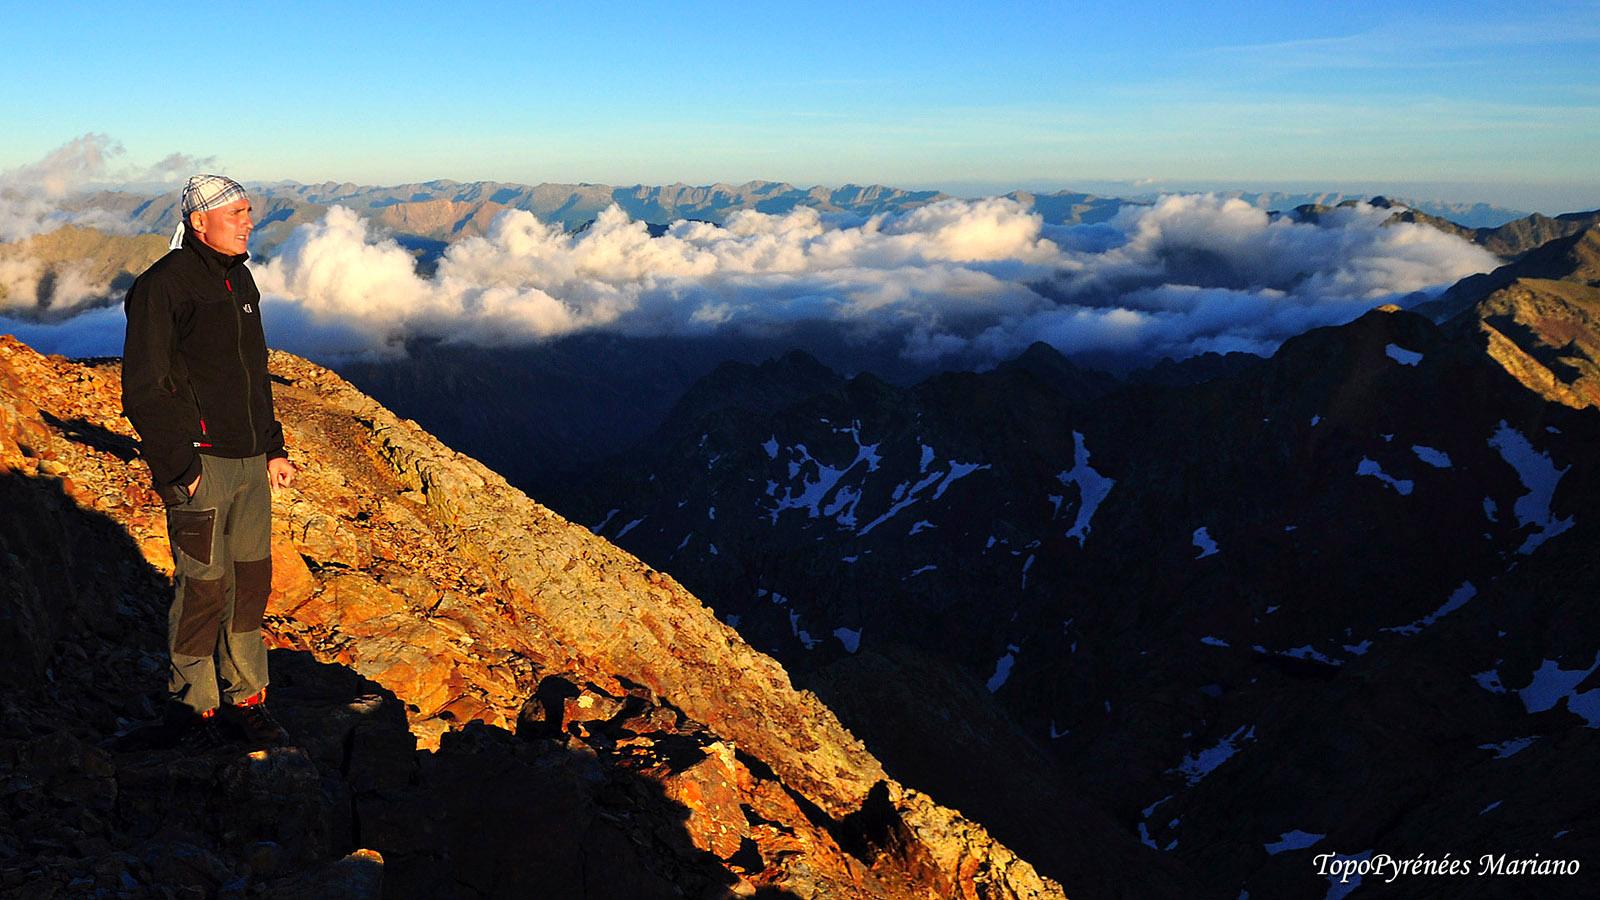 Randonnée Pic du Montcalm (3077m) et Pique d'Estats (3143m) avec bivouac au sommet